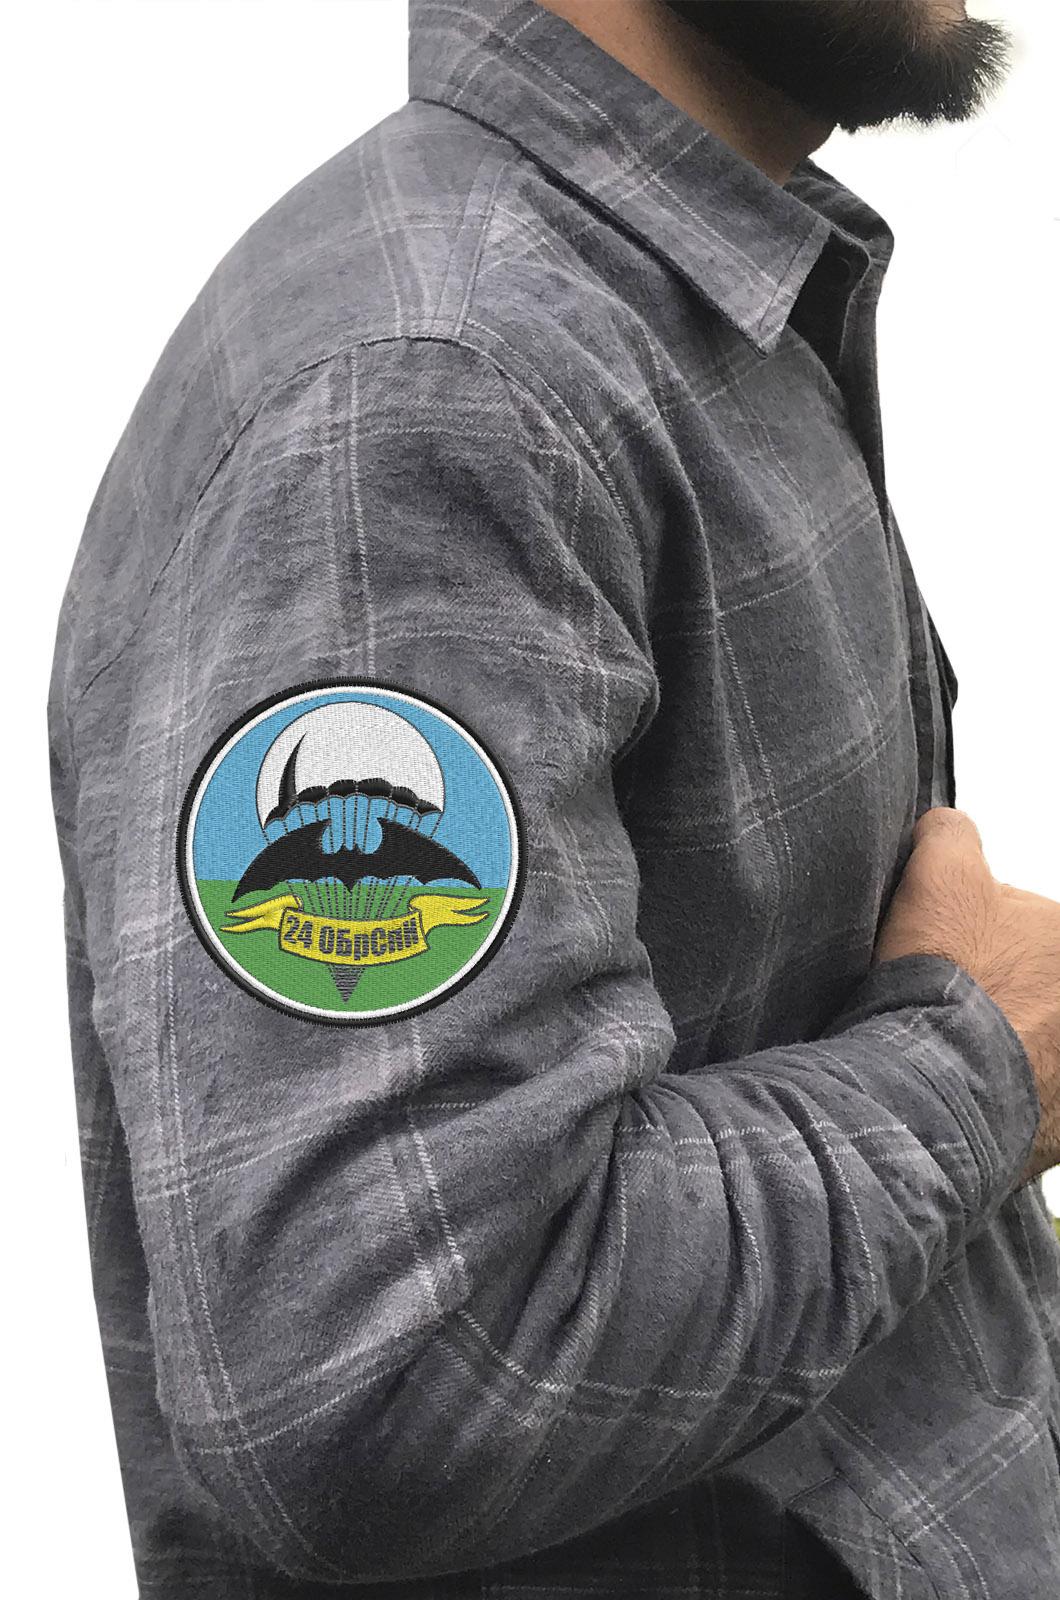 Мужская рубашка с эмблемой 24 ОБрСпН купить оптом